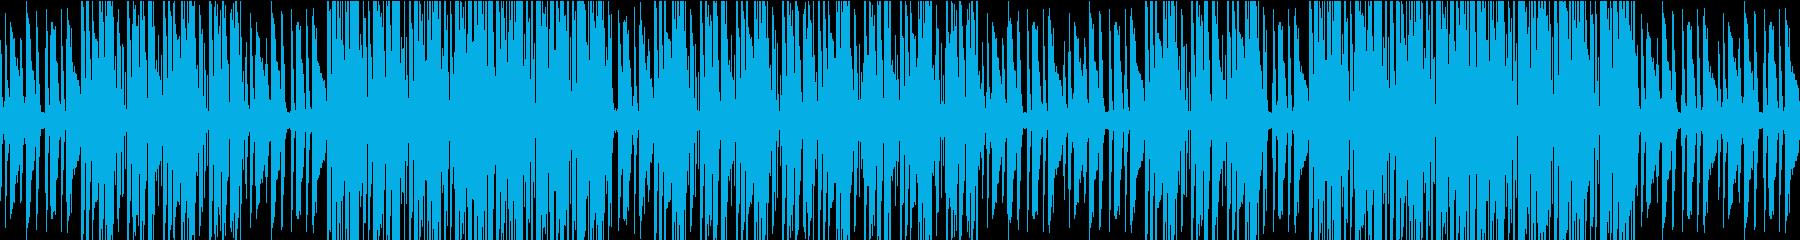 不安になるピアノのヒップホップの再生済みの波形